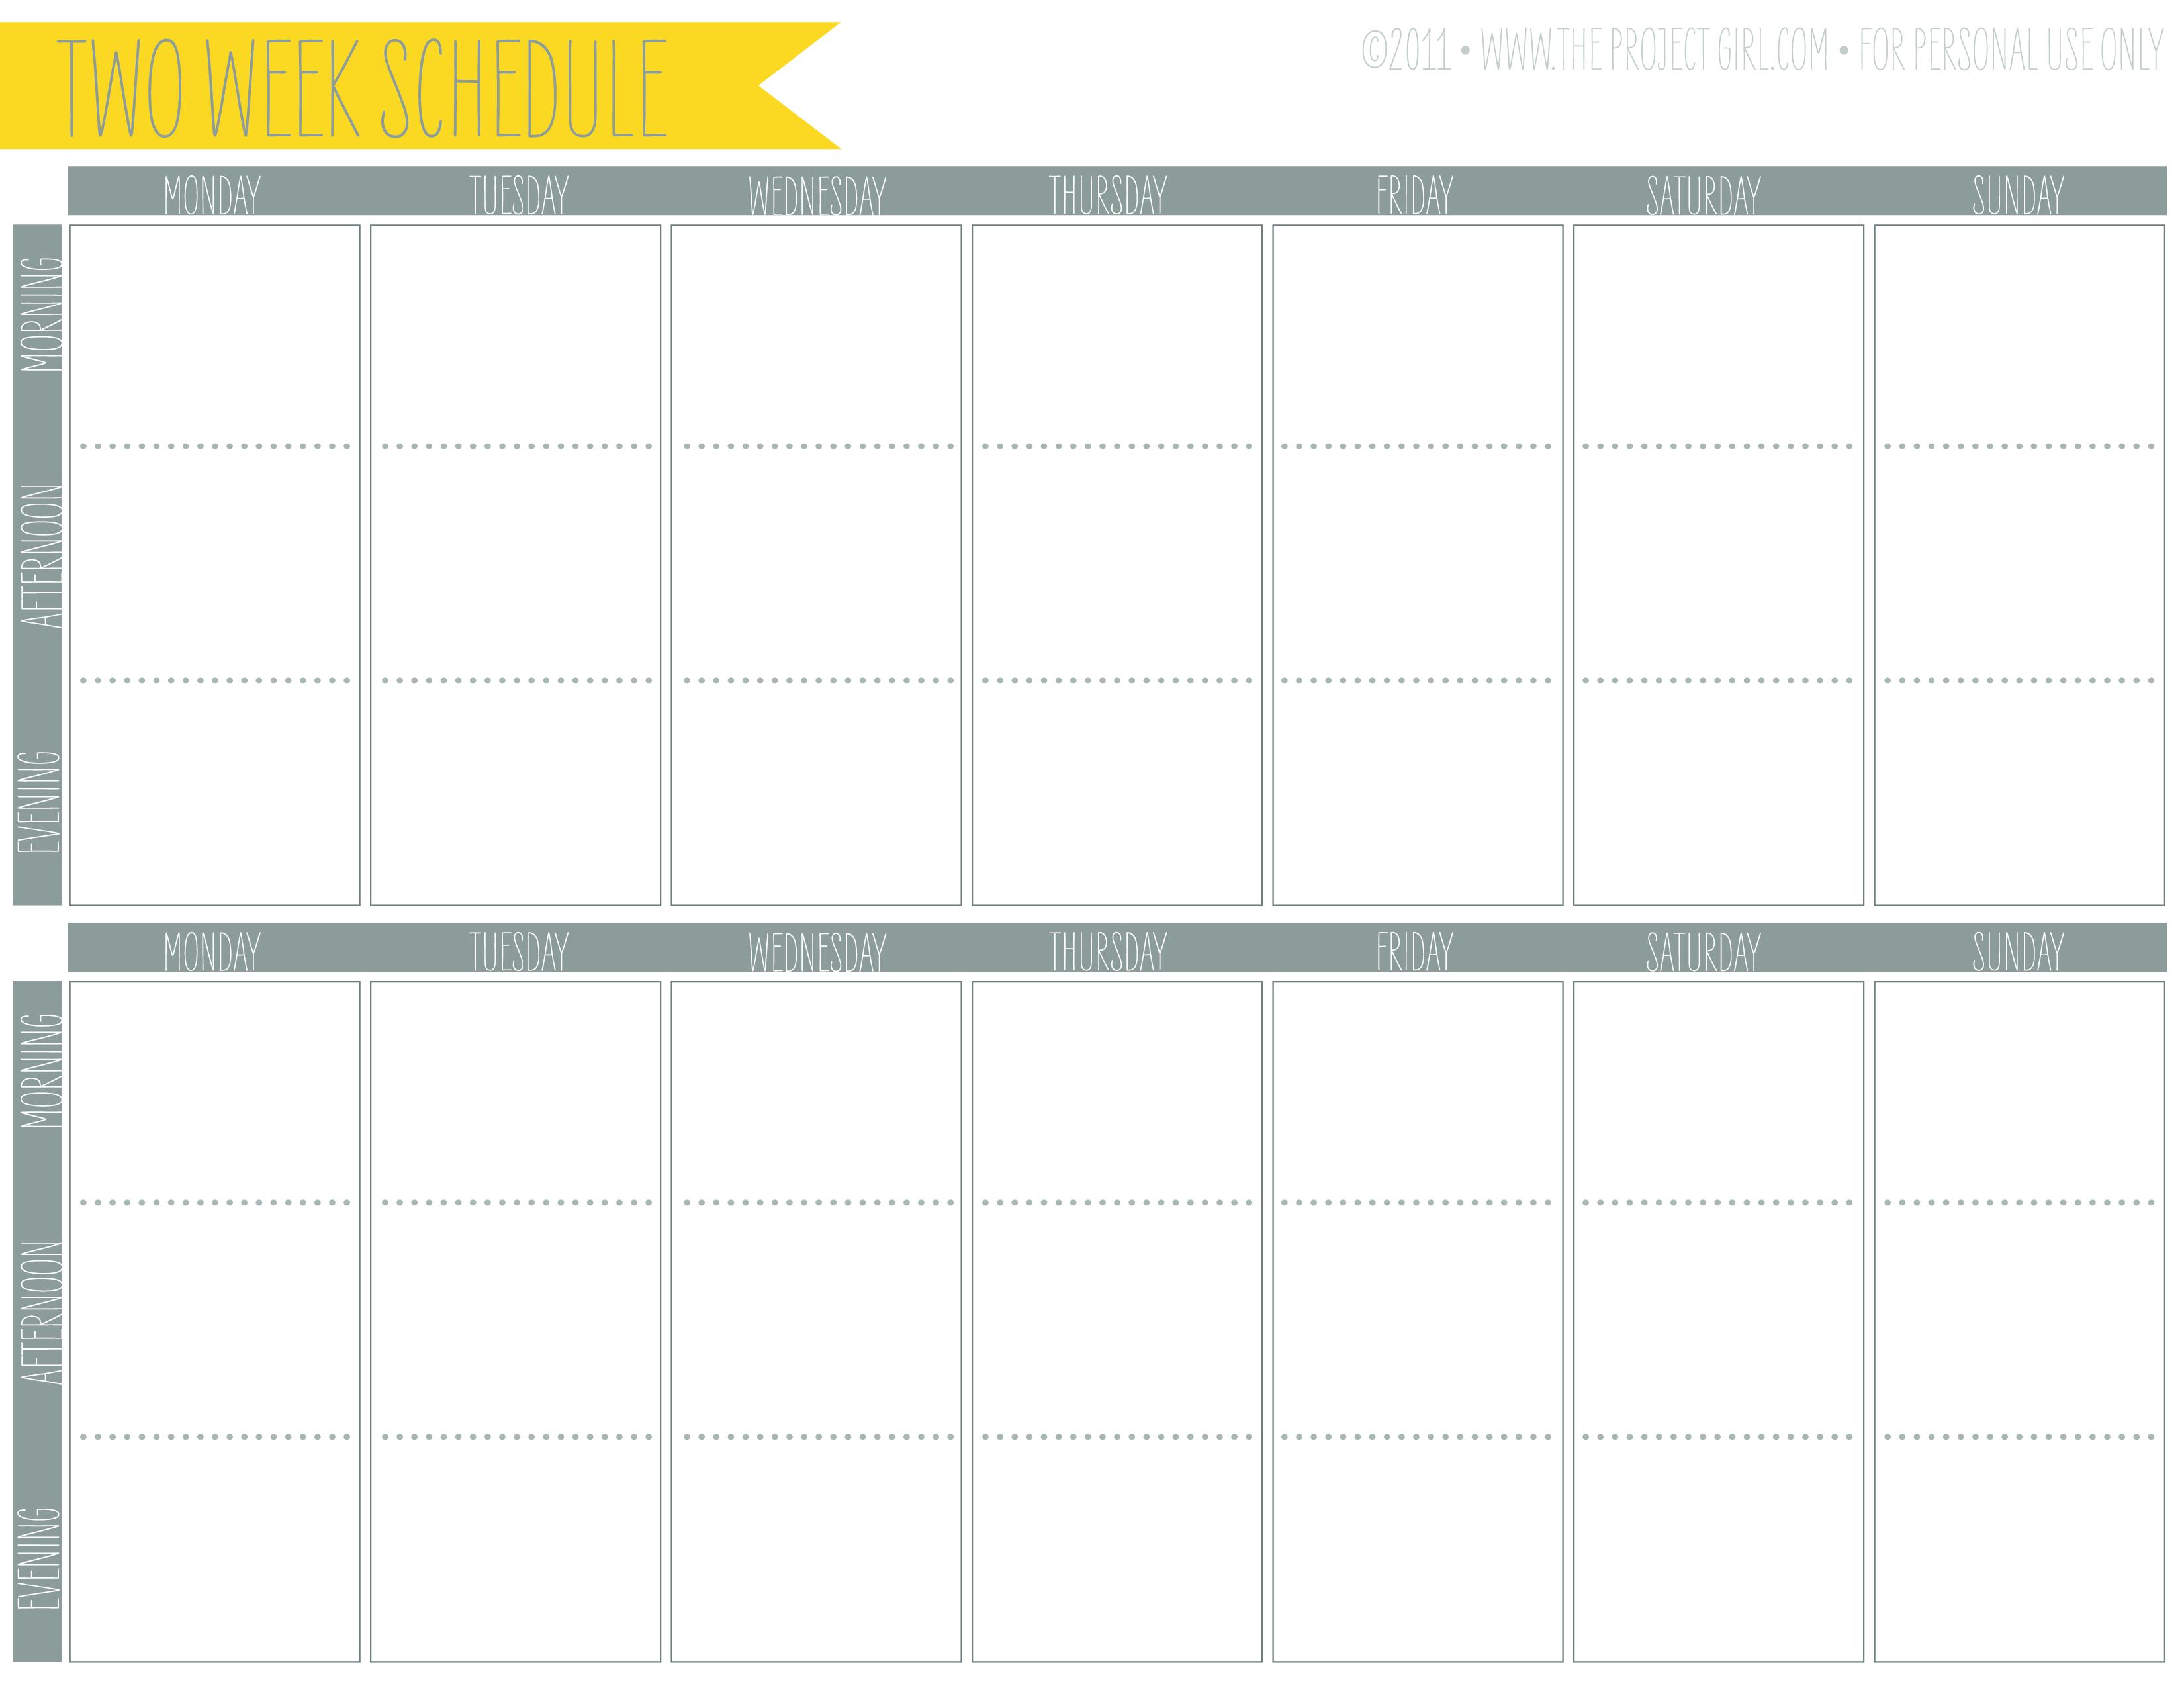 Week Schedule Calendar How To Create A Week Schedule Calendar Download Weekly Cleaning Schedule Printable Free Printable Calendar Monthly Schedule Printable